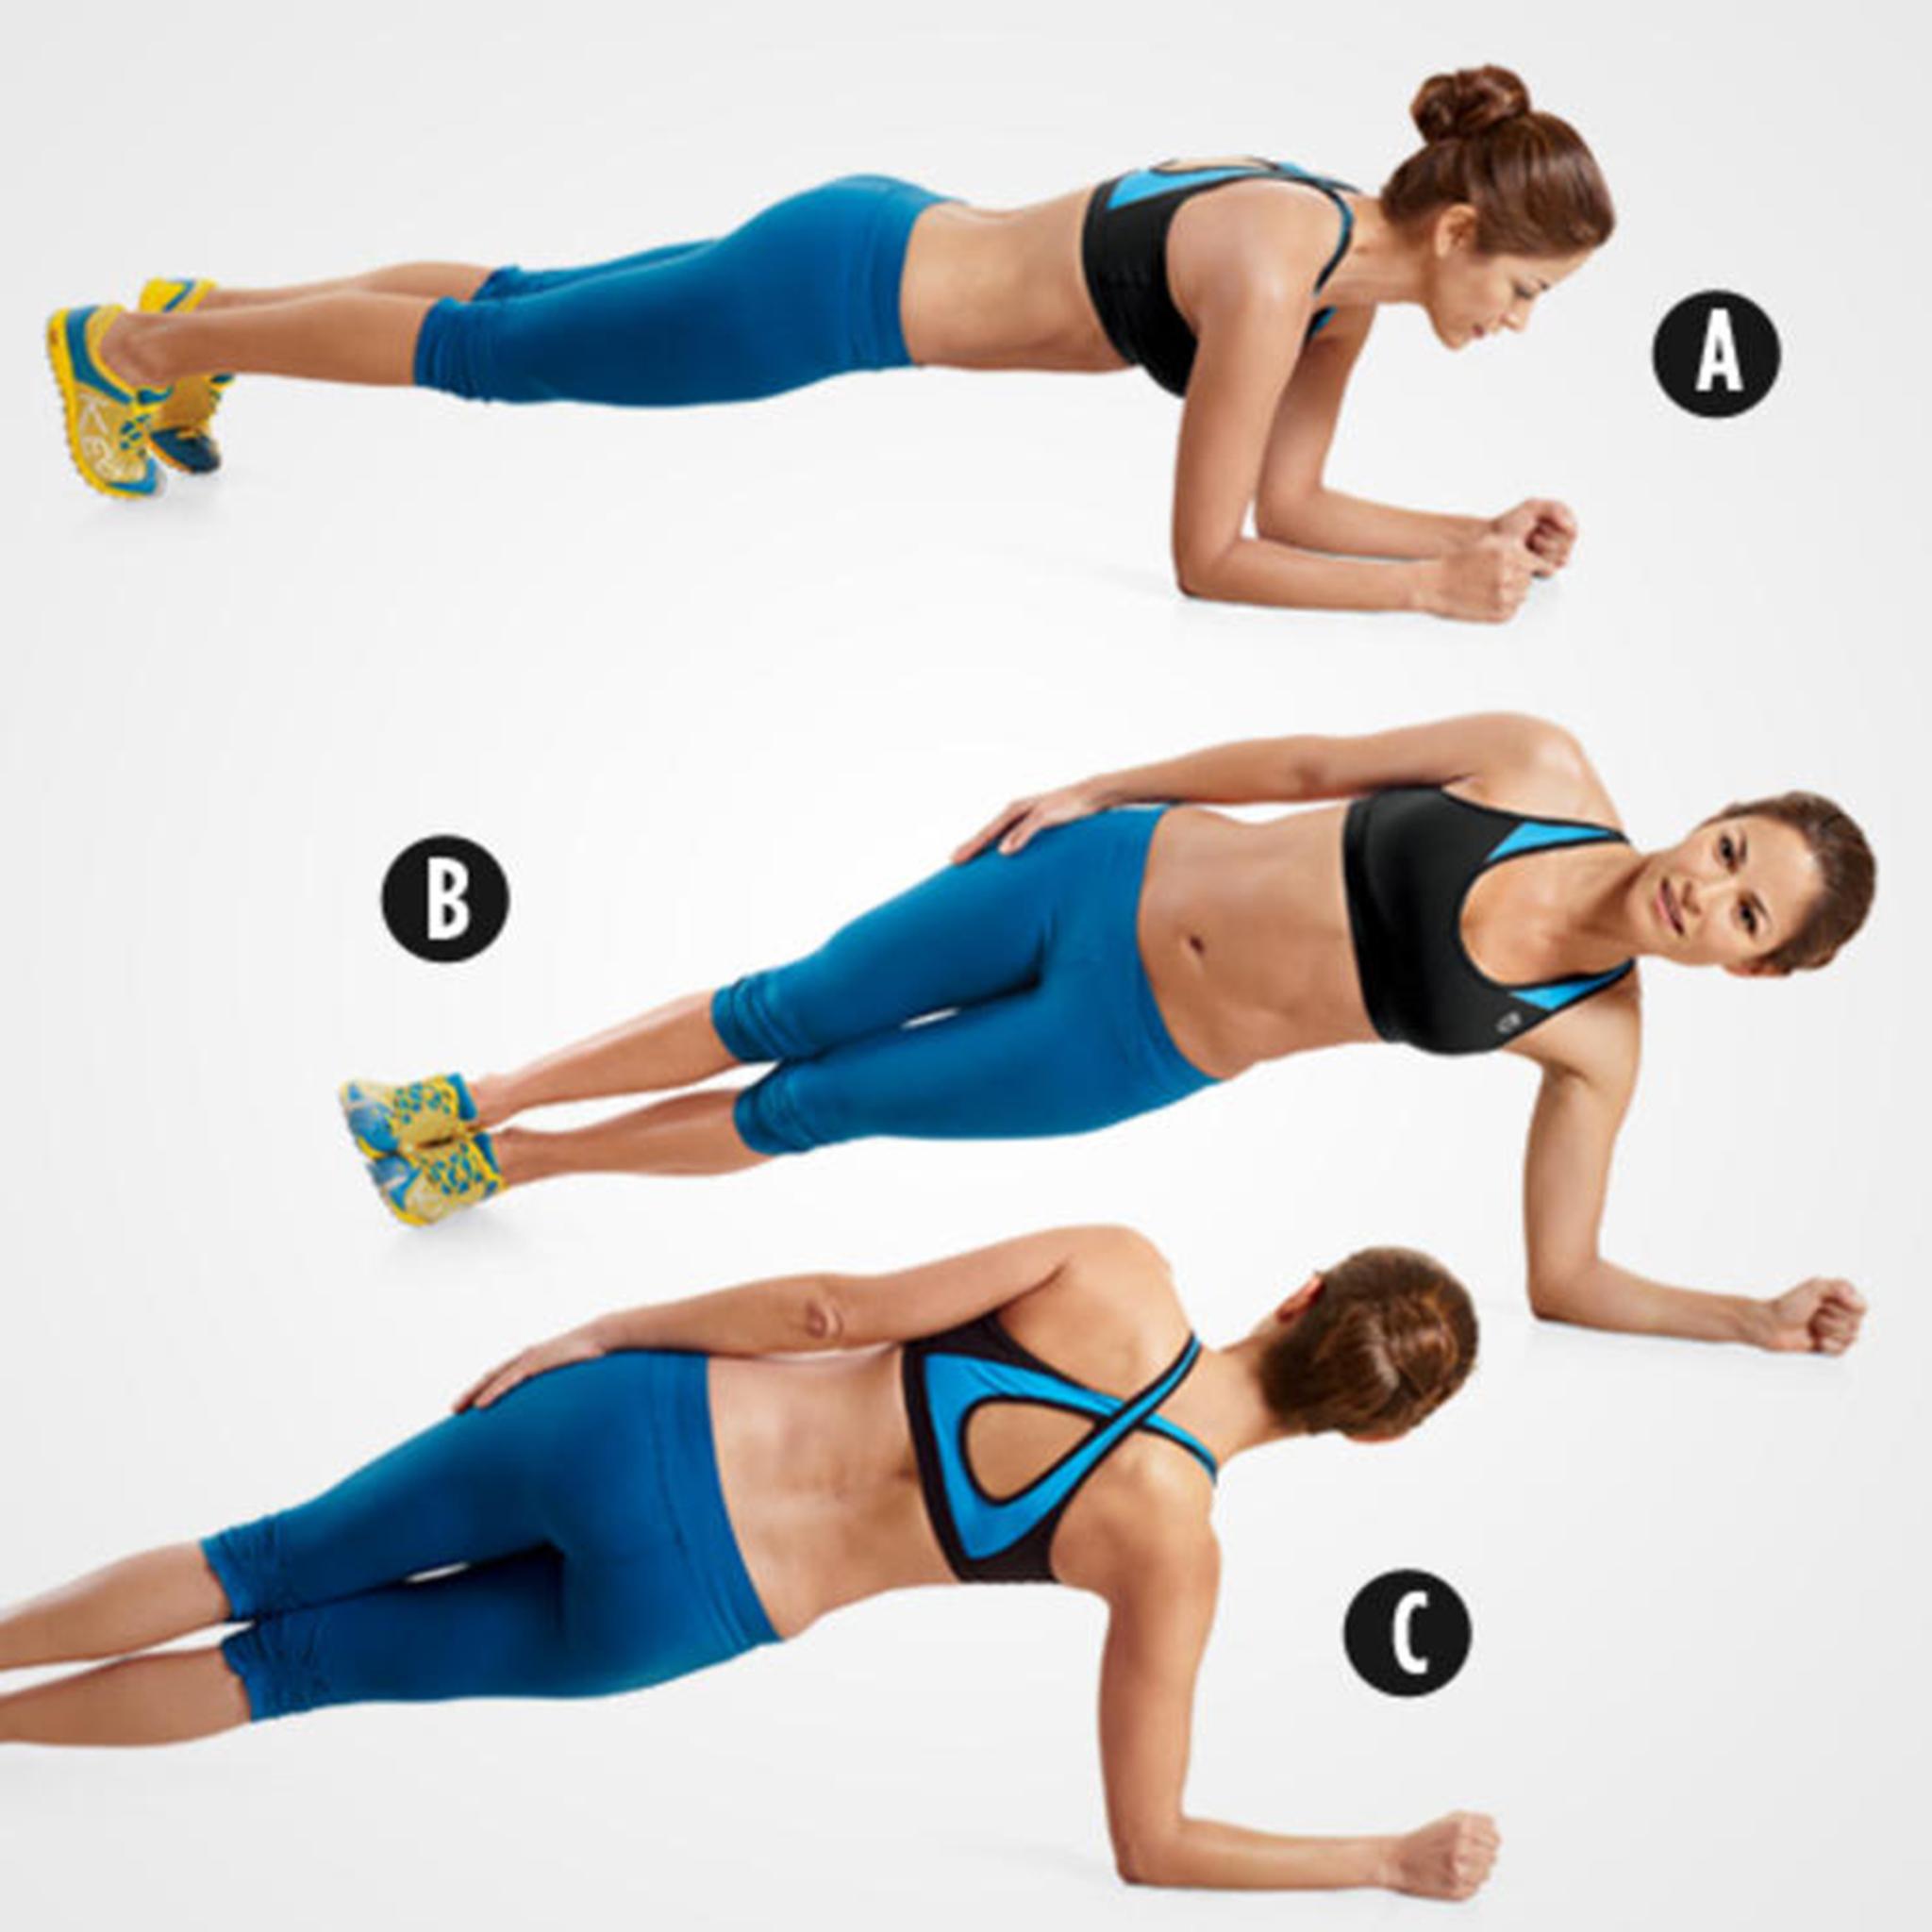 Упражнения для боков и талии в домашних условиях фото